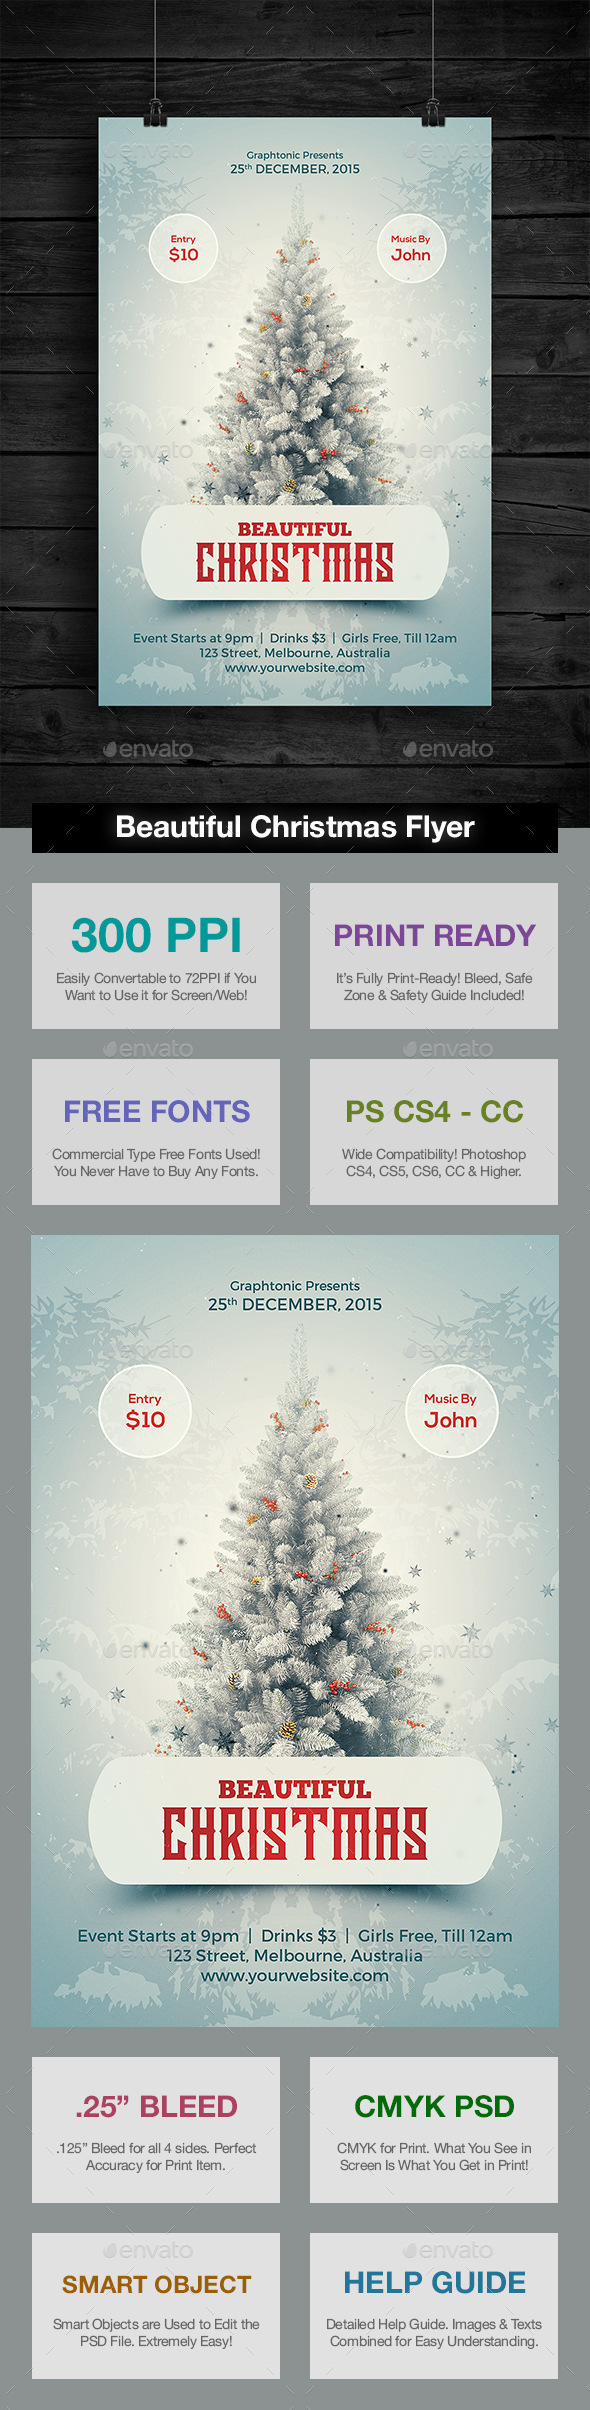 Beautiful Christmas Flyer